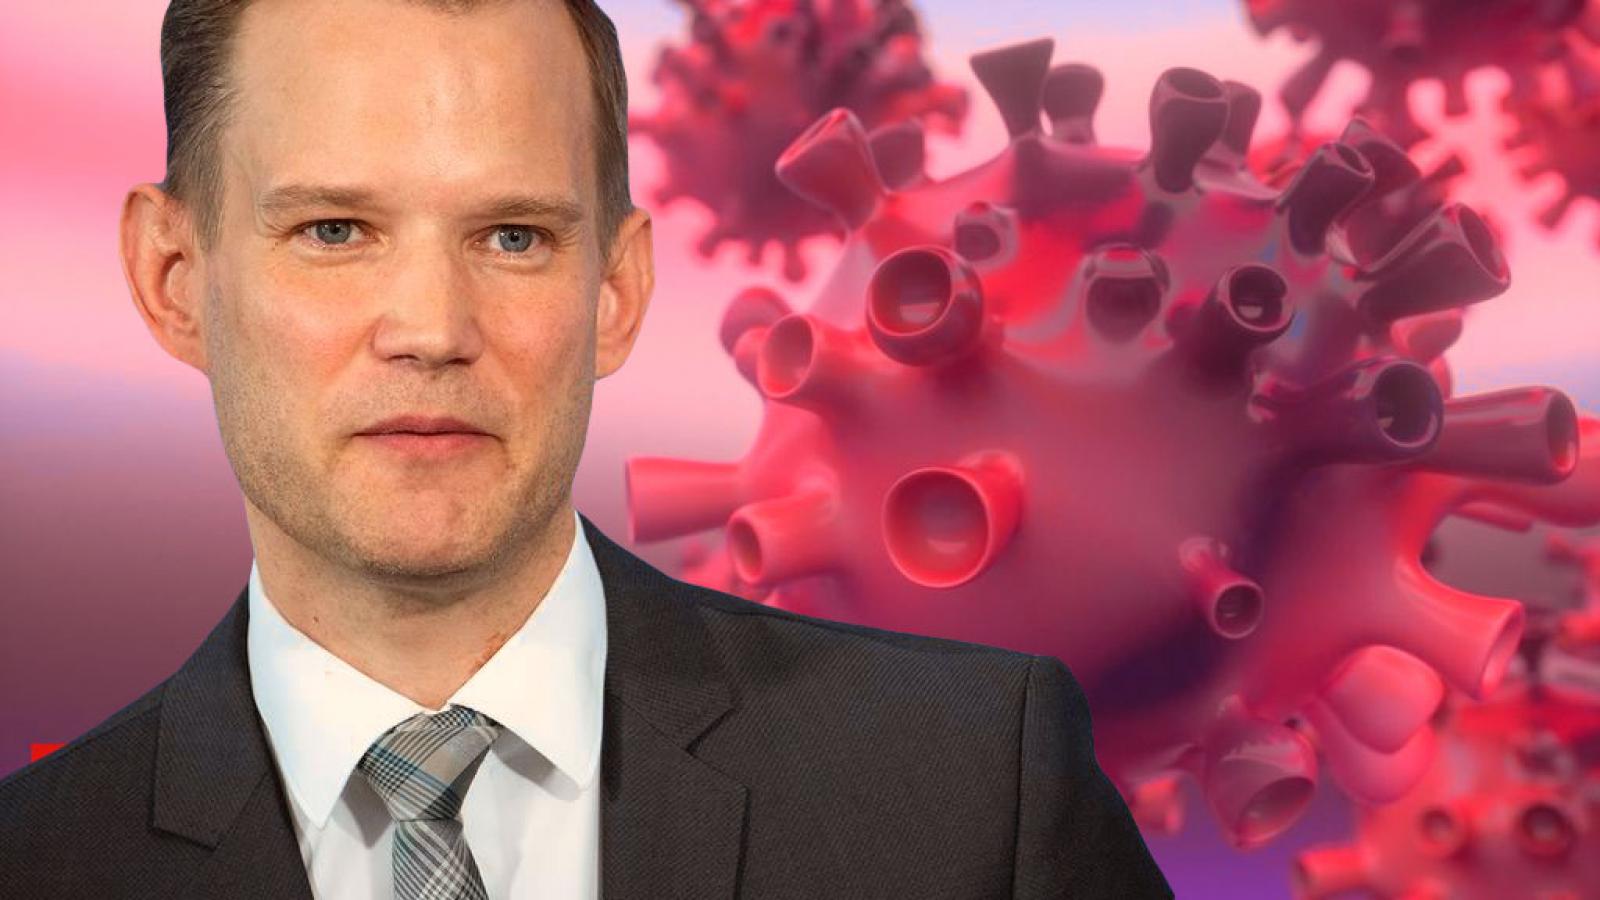 Хендрик Стрик: Коронавирусийн вакцин хэзээ ч гарахгүй байж магадгүй